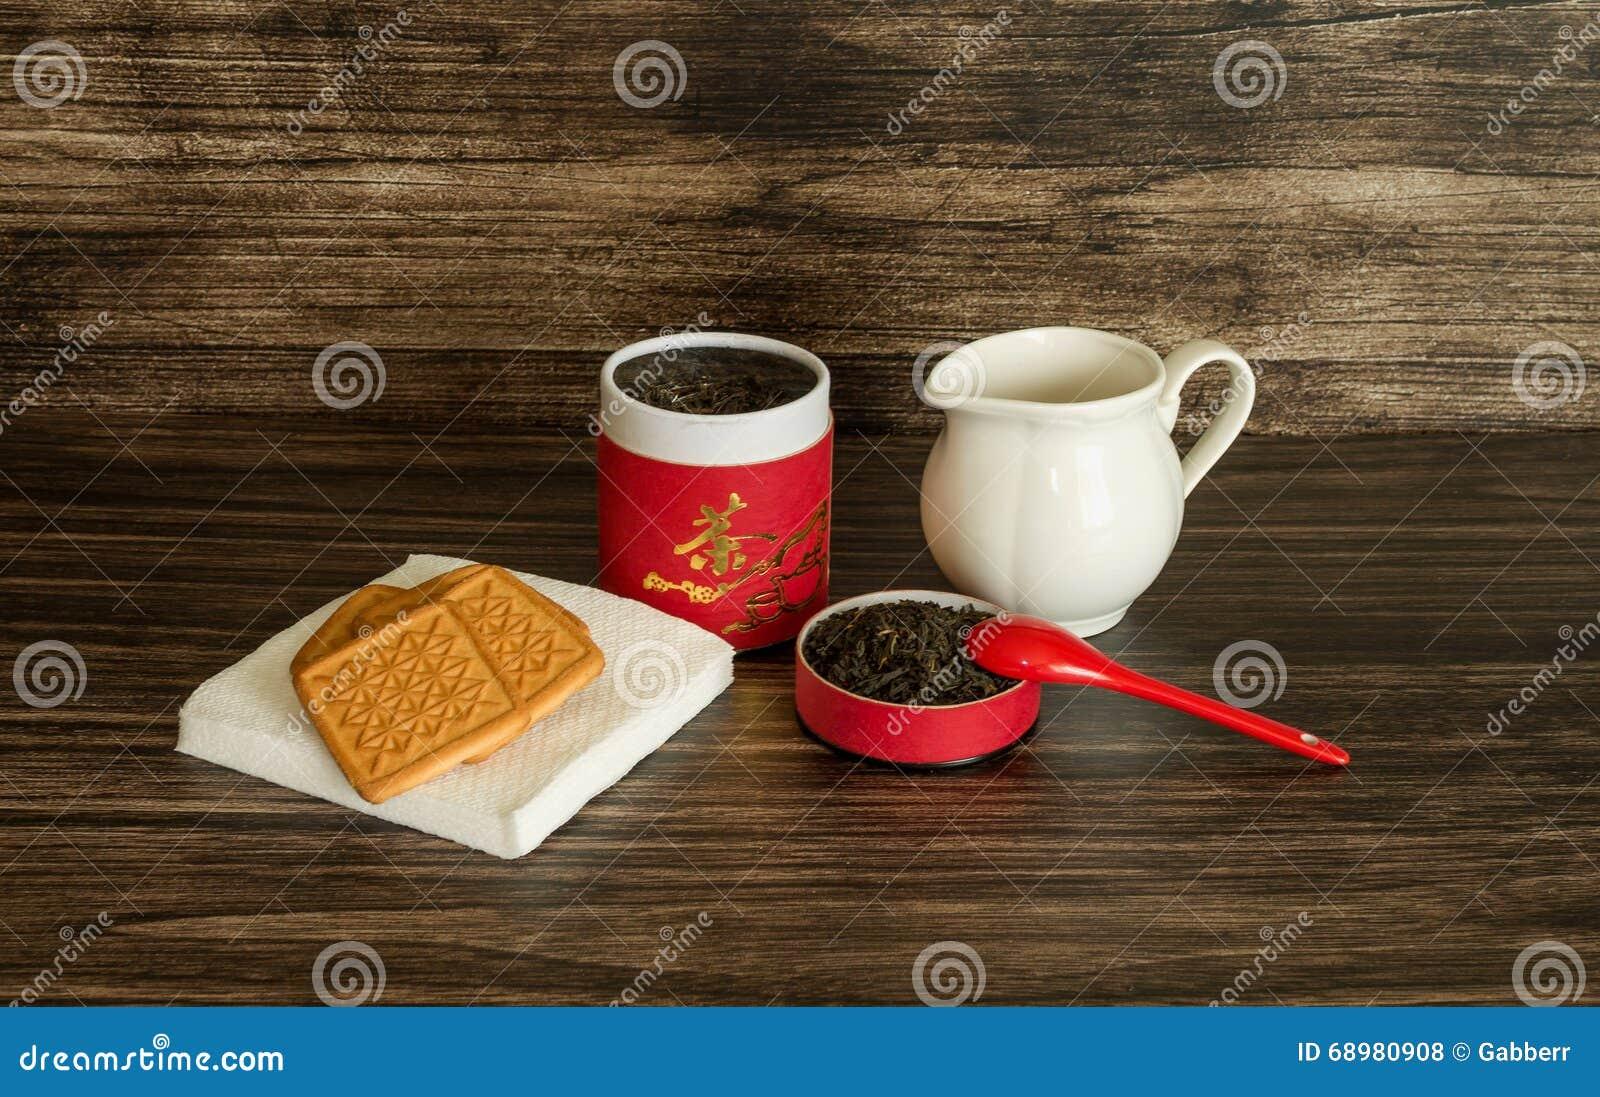 Thé, biscuits et un pot